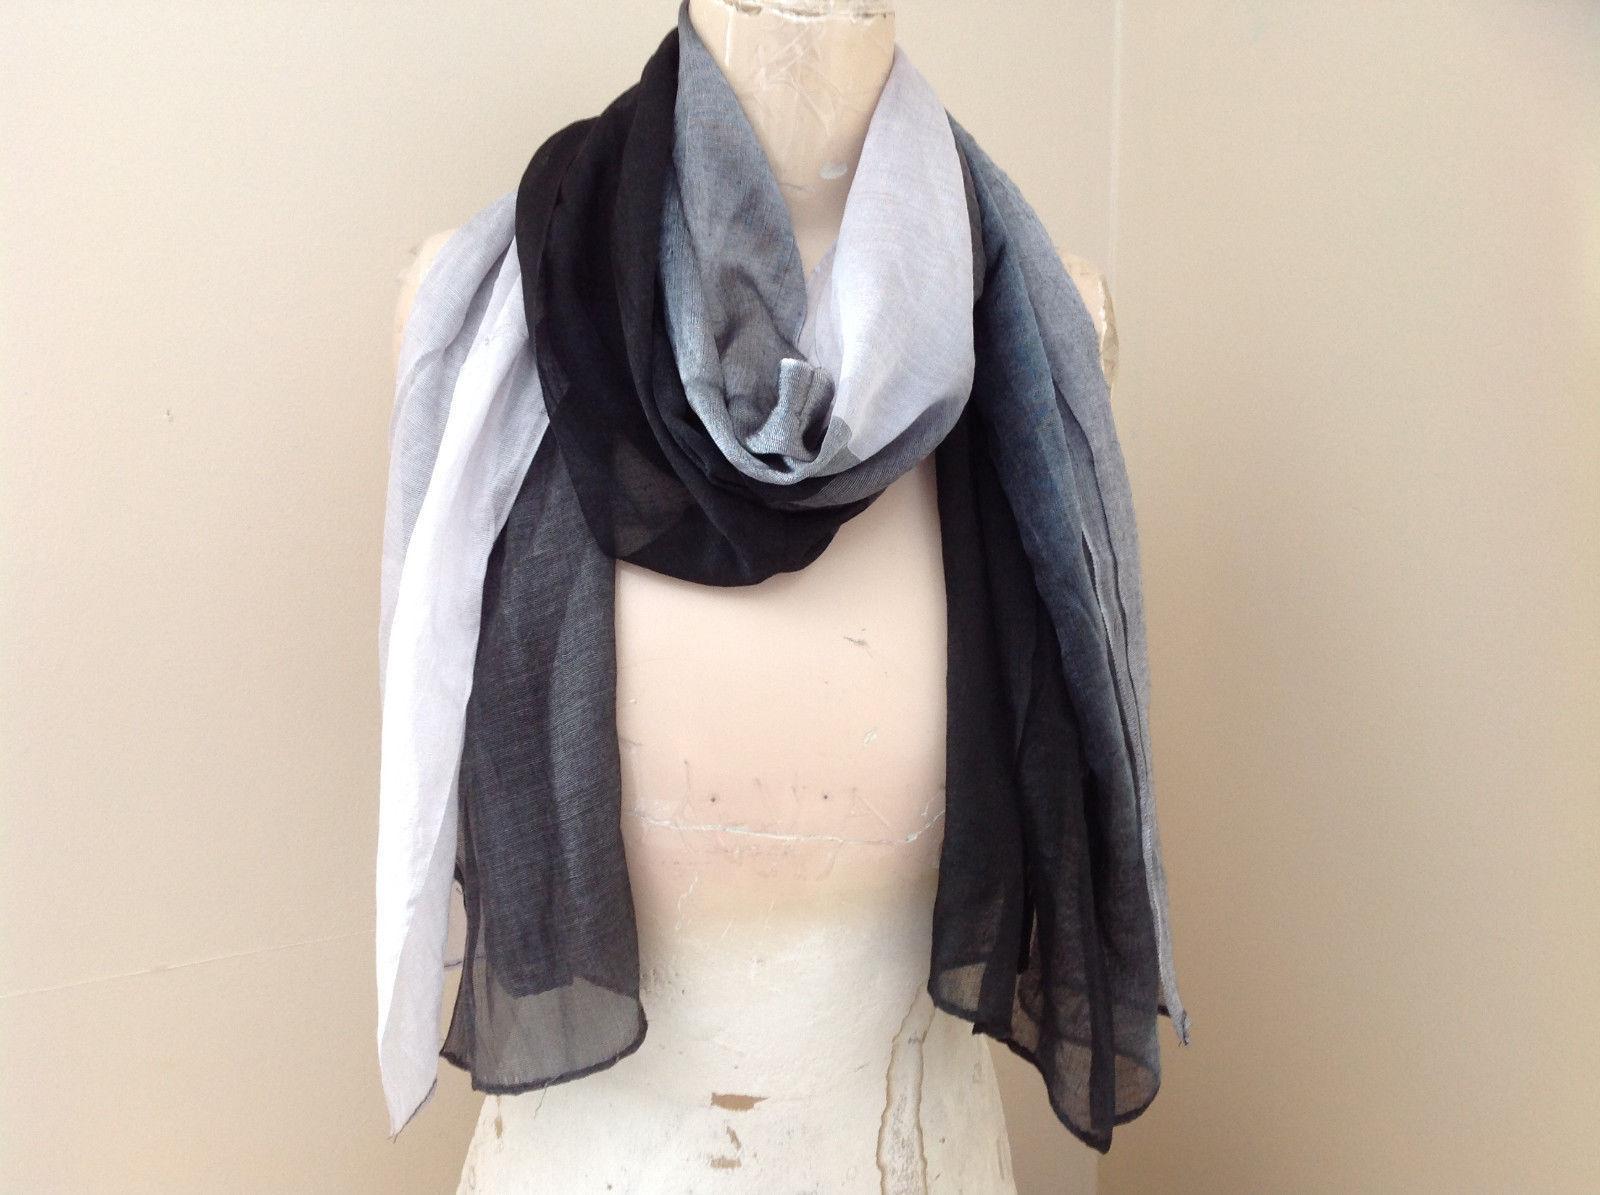 Black Grey Watercolor Fashion Scarf Shiny Sheer Material NO TAG